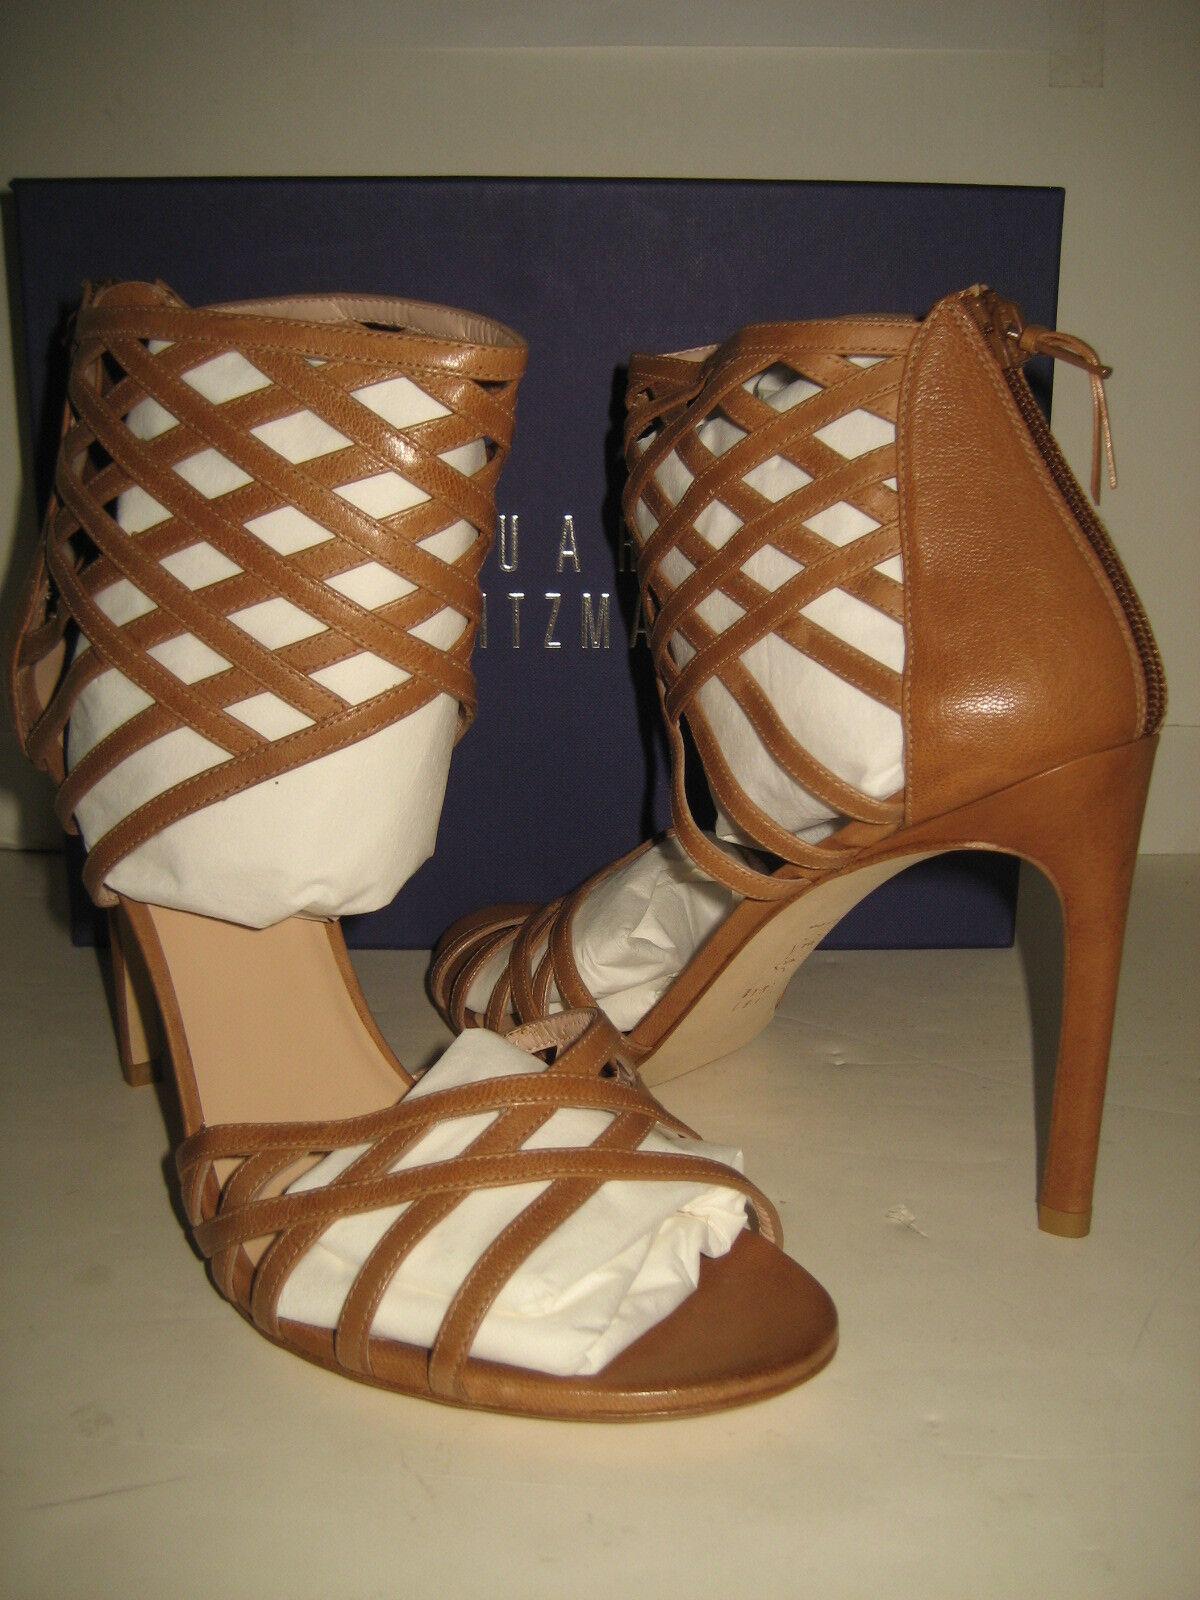 535 NEW Stuart Weitzman Cajun Woven Brown Pelle Sandals   10 High Heel Shoes